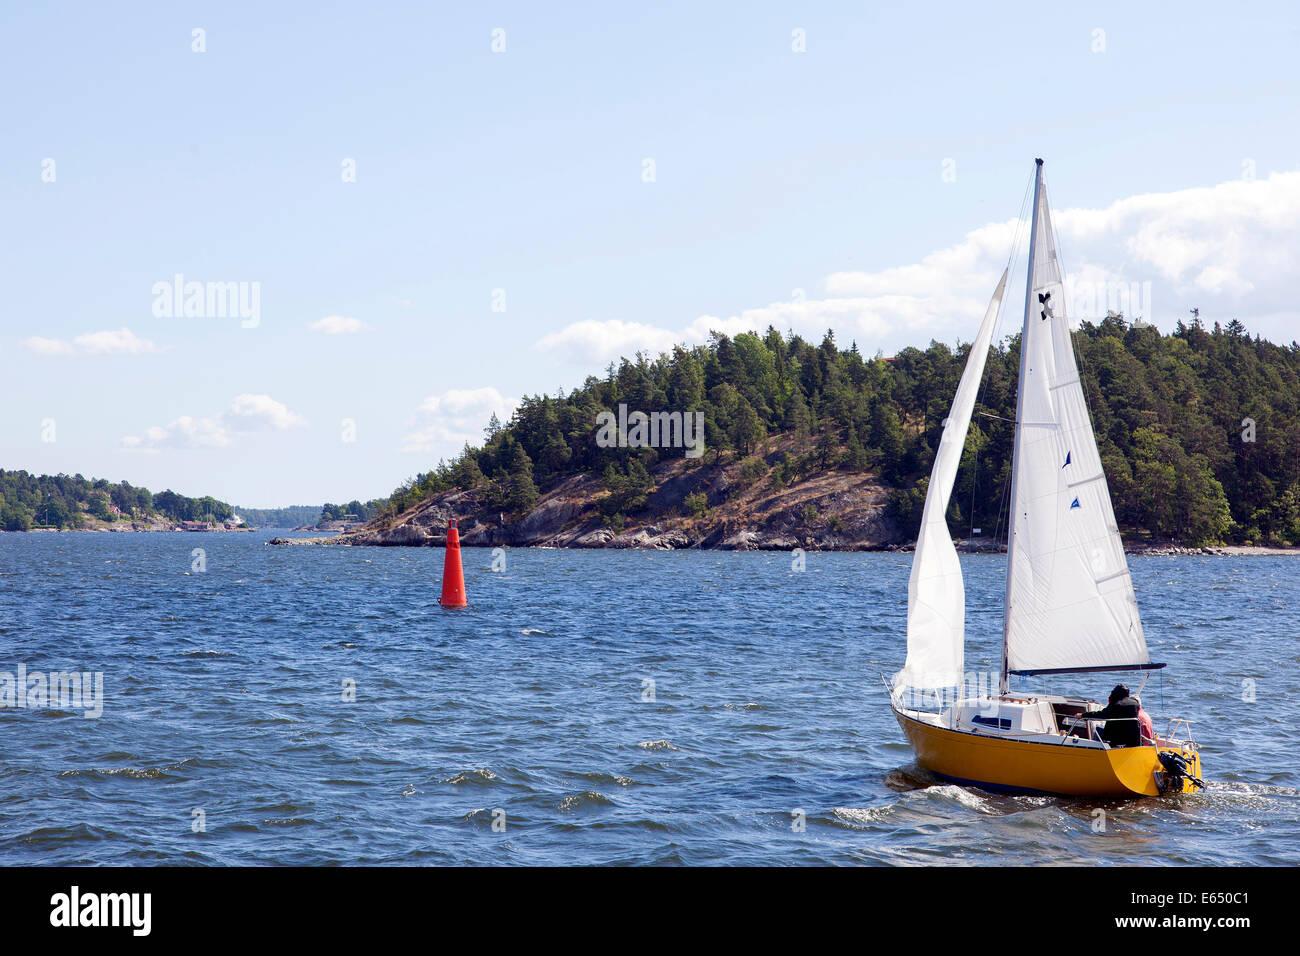 Sailing boat in the Stockholm archipelago, Stockholm, Stockholm County, Sweden - Stock Image